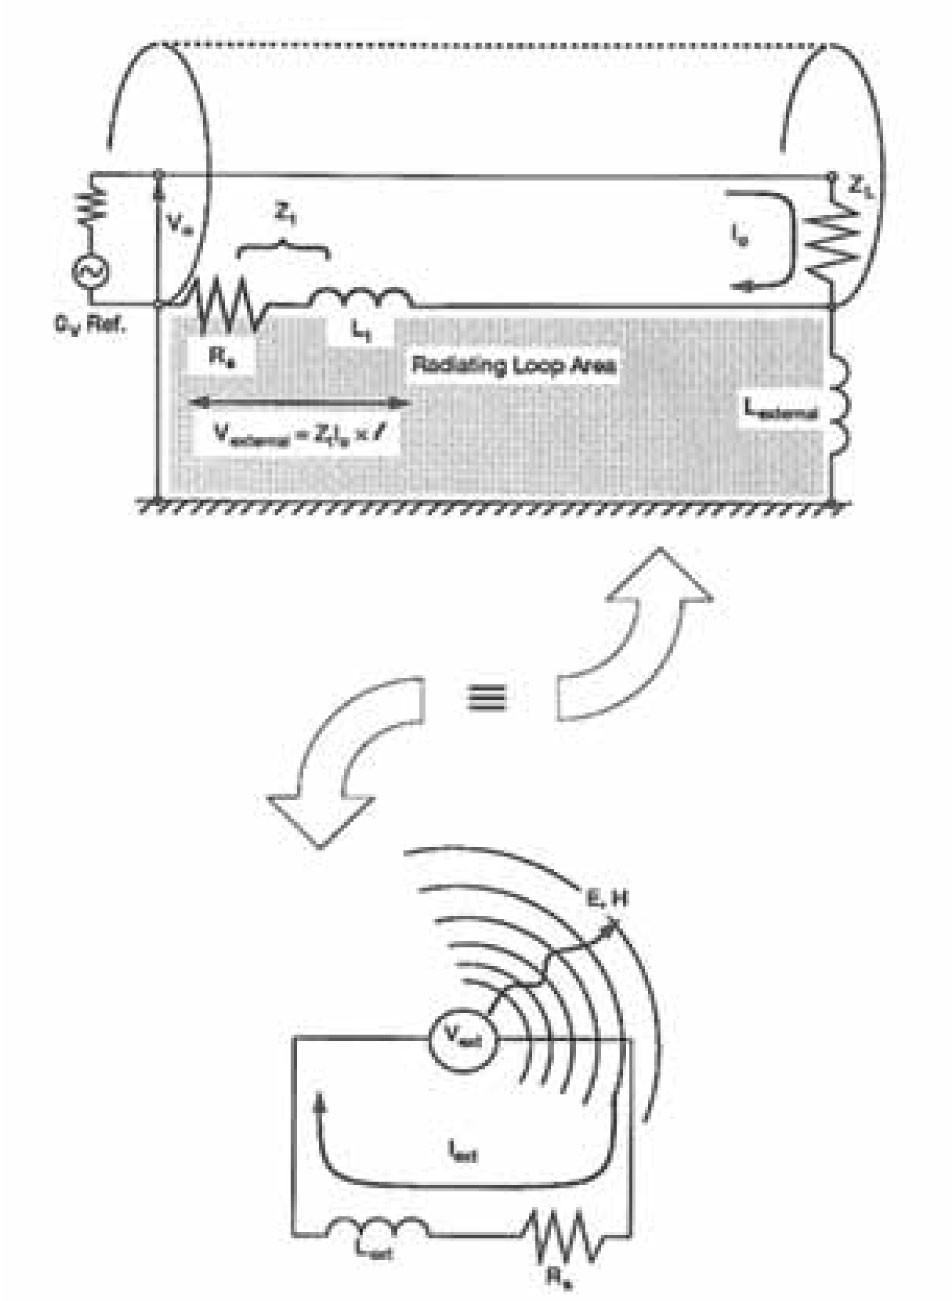 электромагнитное излучение коаксиального кабеля